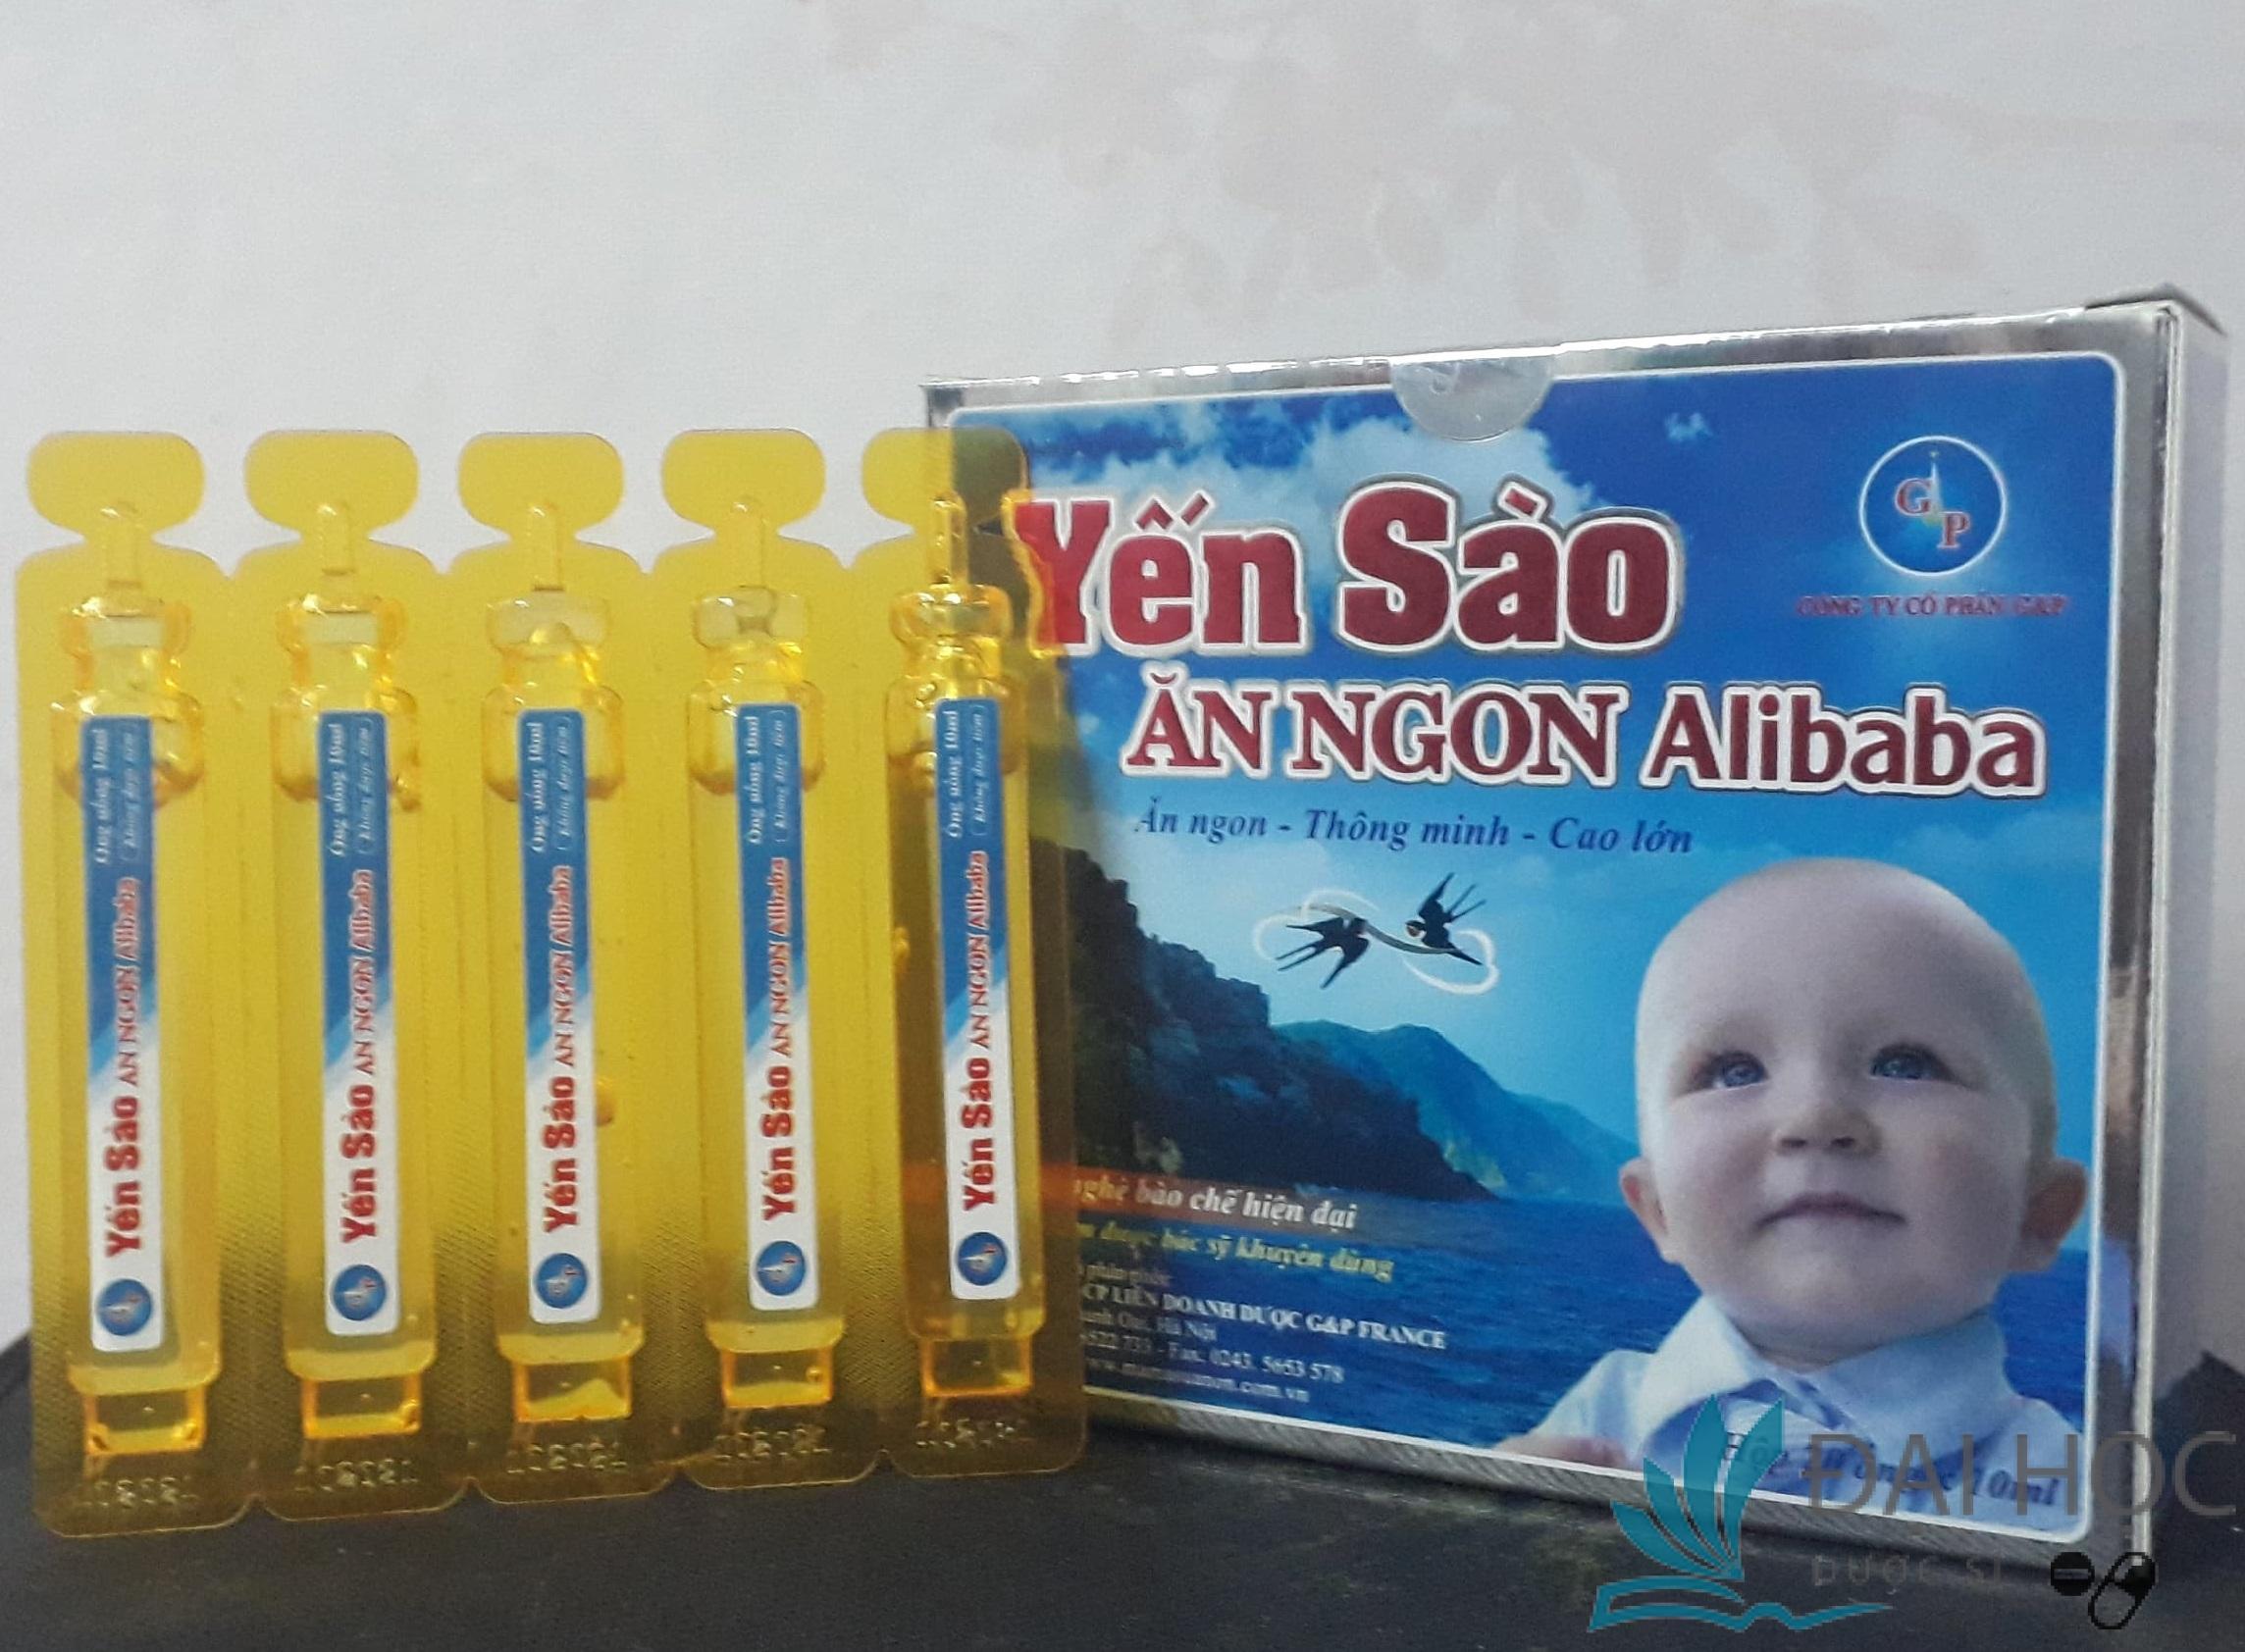 Yến sào ăn ngon alibaba